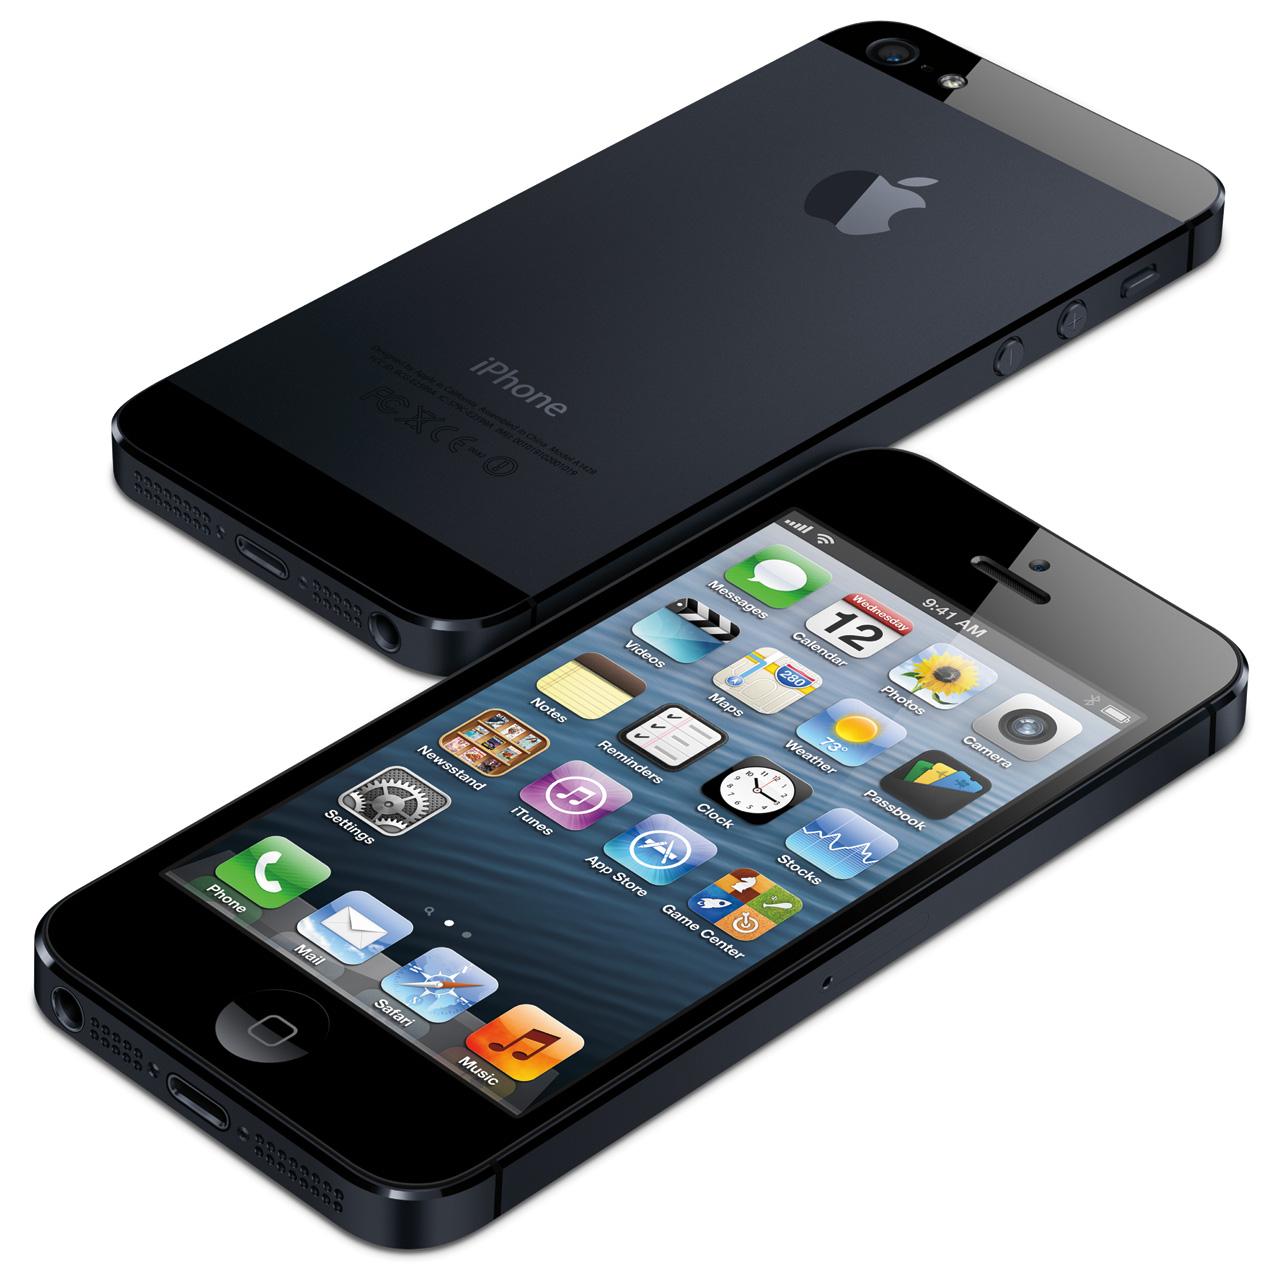 Musique Gratuite Iphone